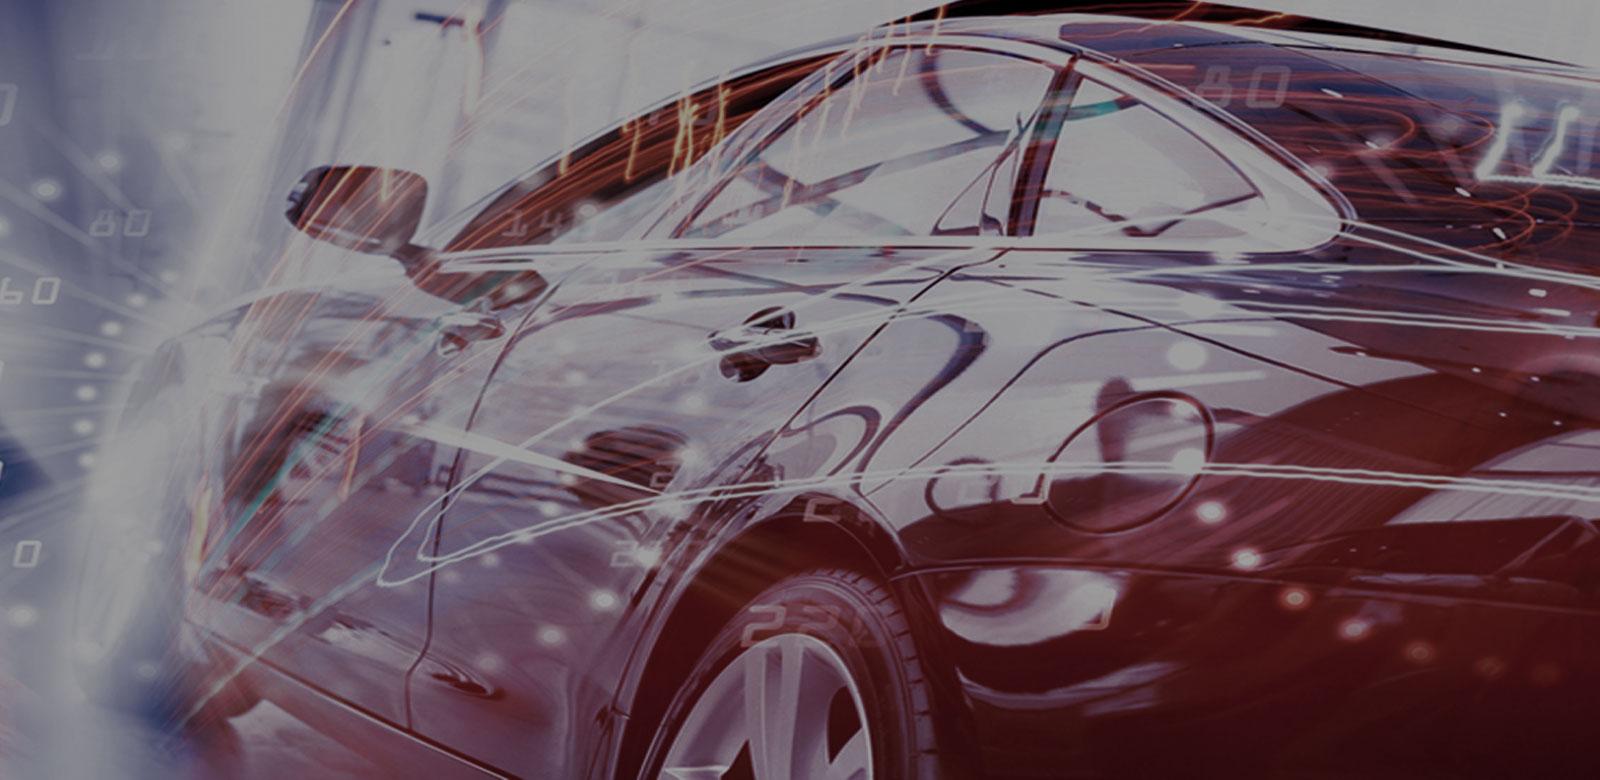 Τέλειο φινίρισμα στο χρώμα αυτοκινήτων